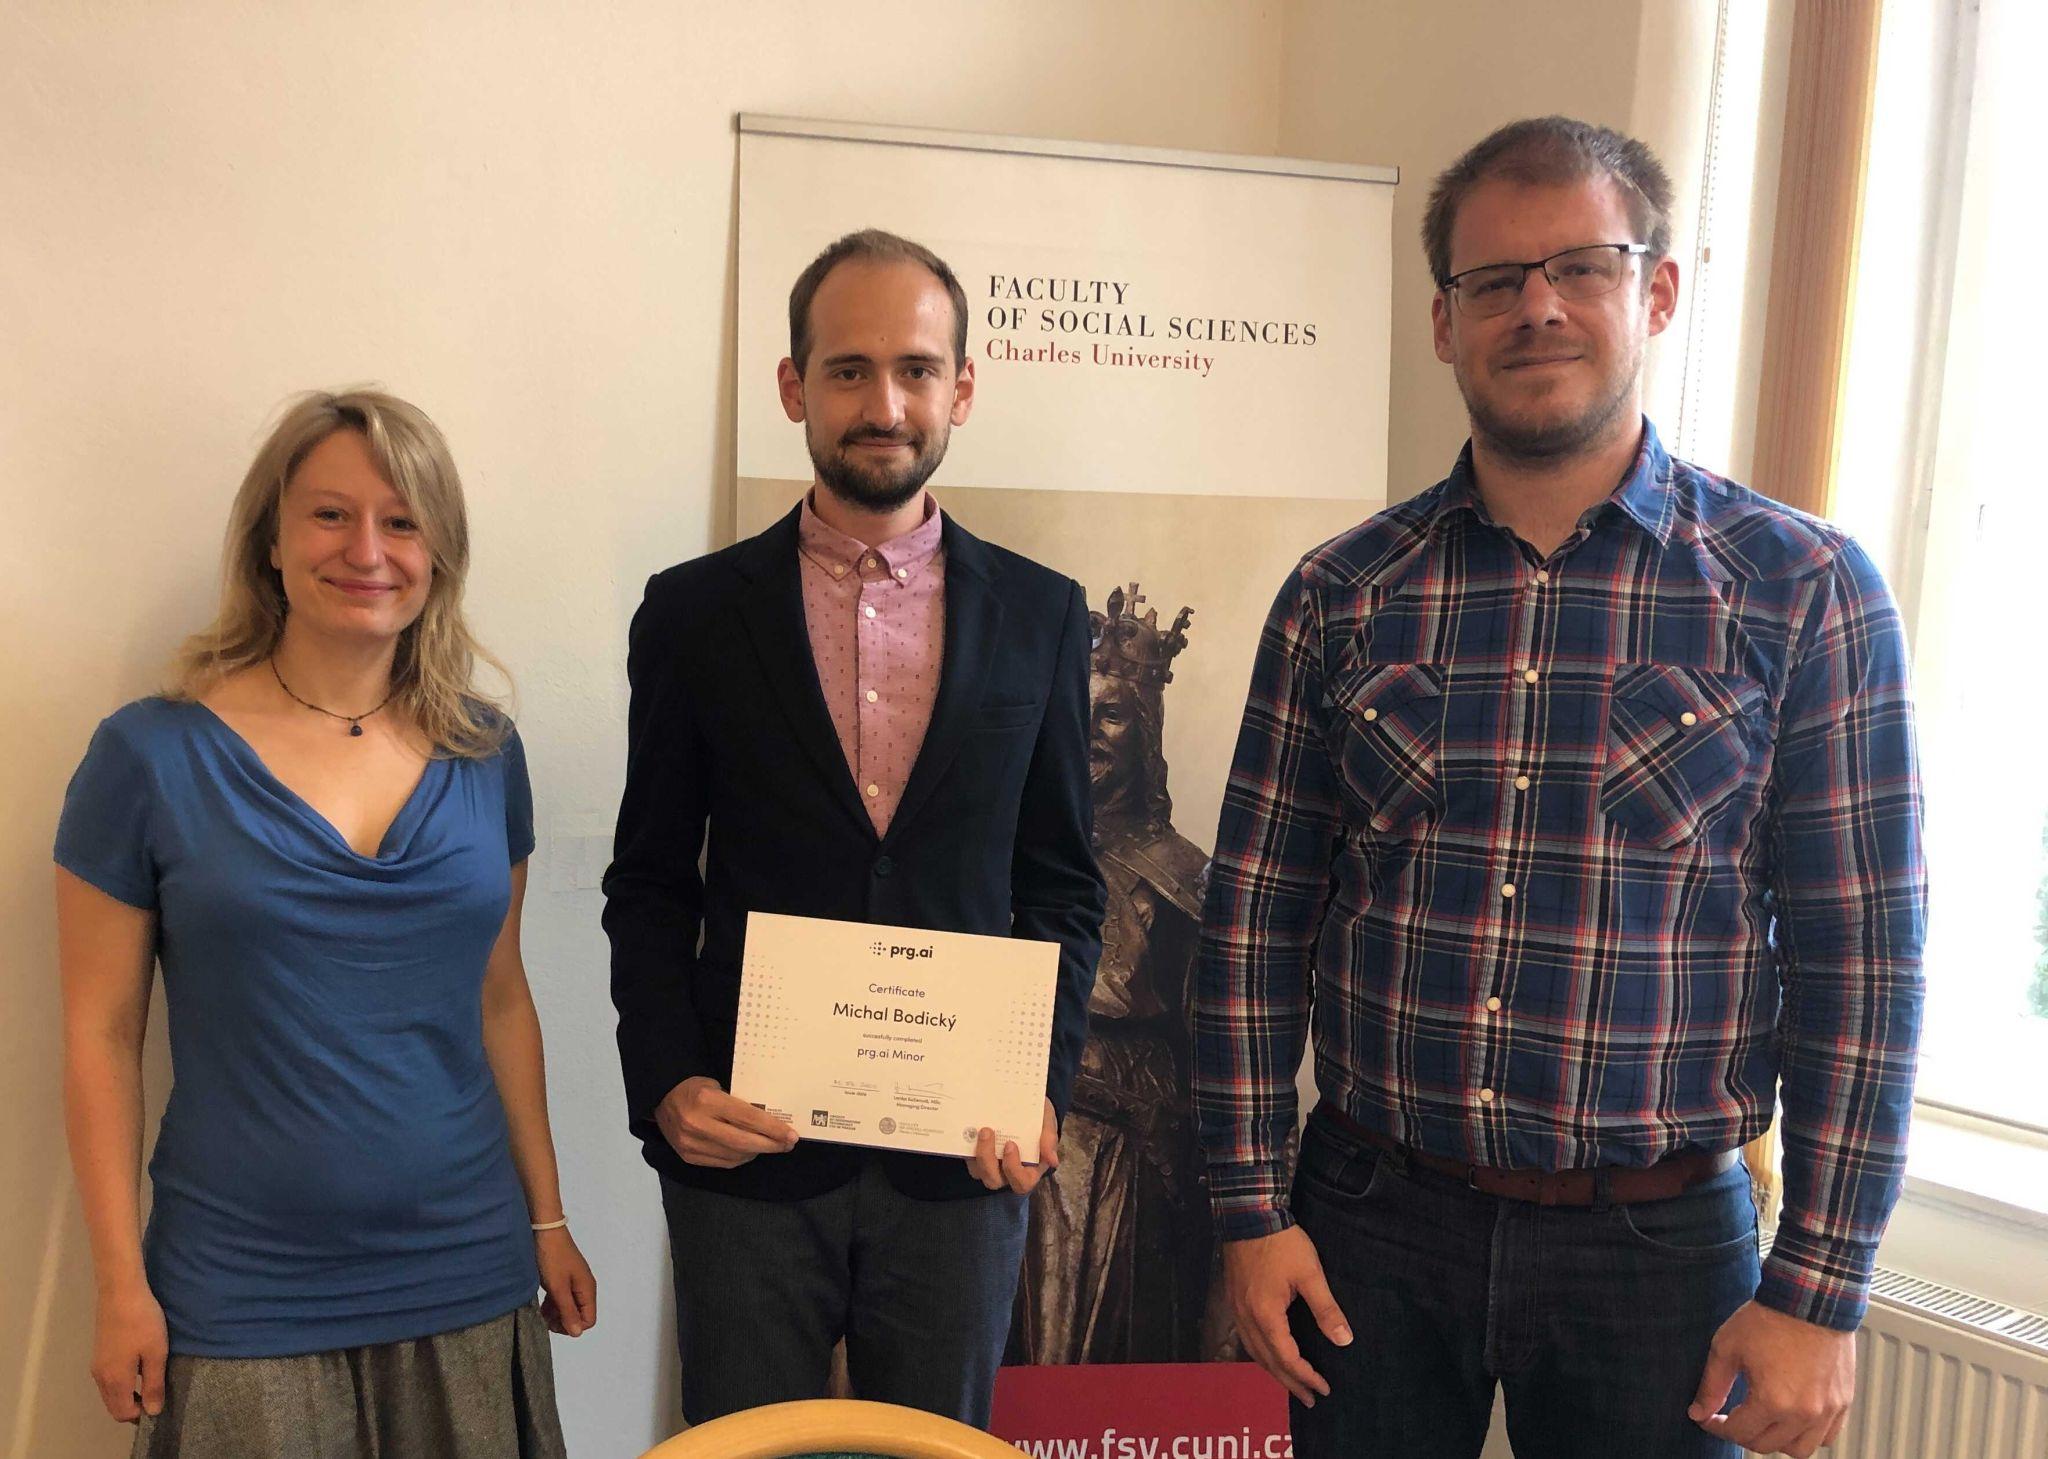 Zleva: Julie Kovaříková z prg.ai, absolvent prg.ai Minor Michal Bodický z FSV UK a akademický garant, profesor Ladislav Krištoufek